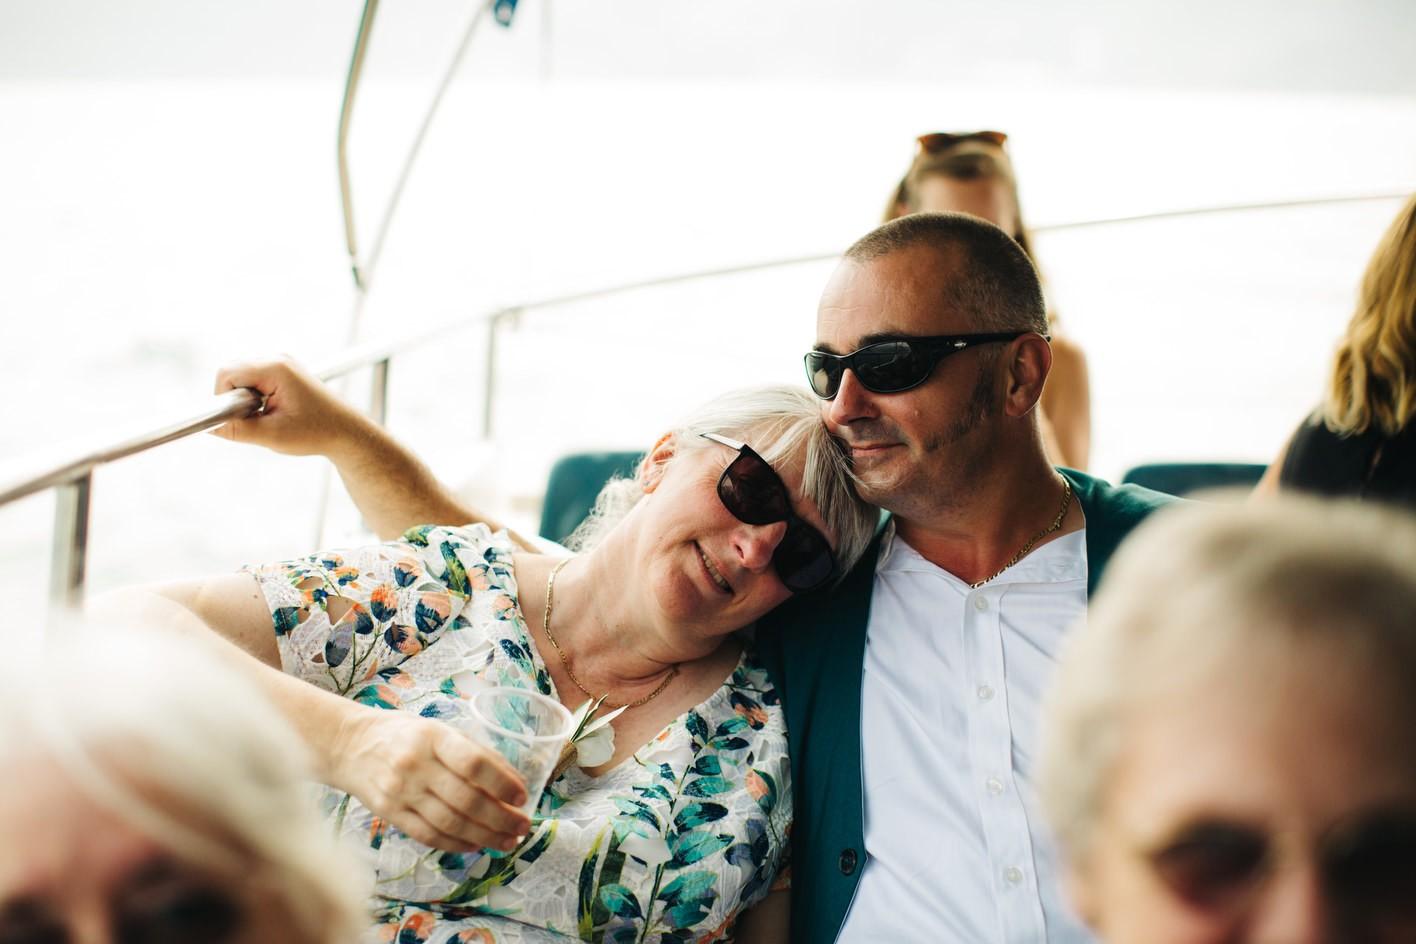 guests enjoy wedding boat trip around lake